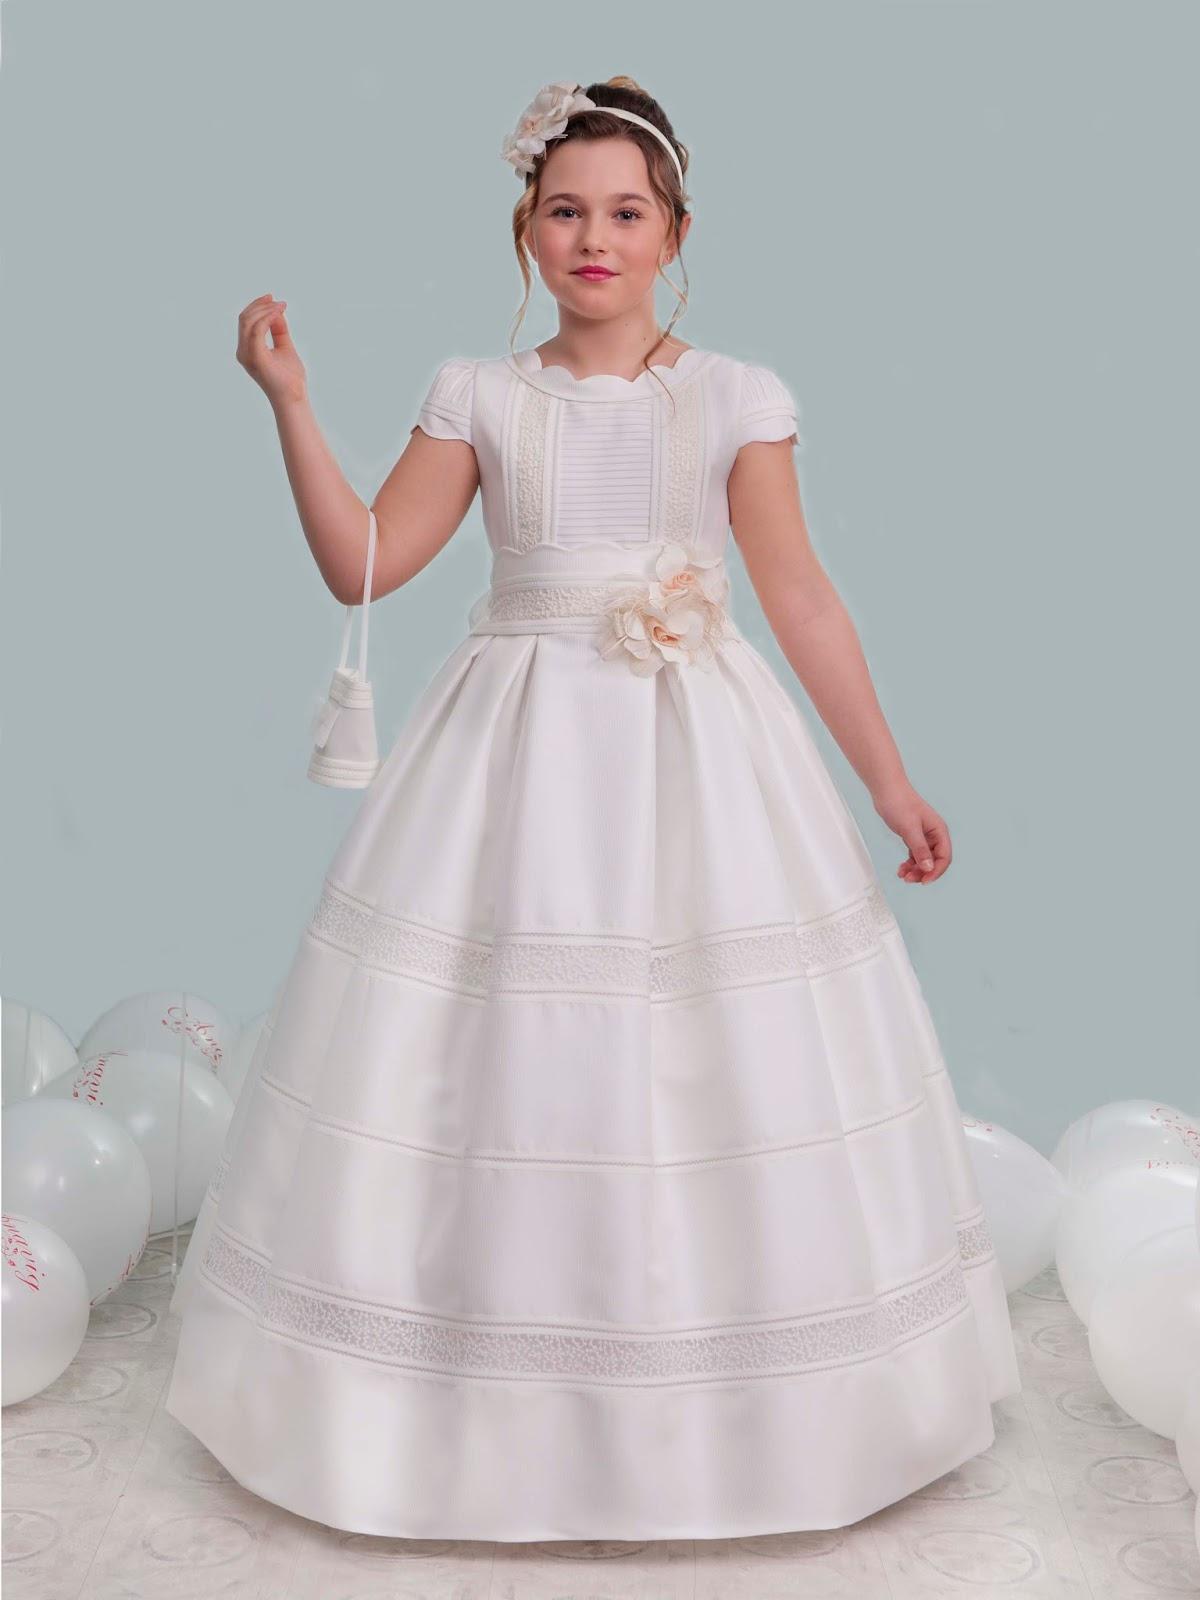 60ced7c435 La nueva coleccion viene cargada de dulzura e inocencia con vestidos de  diferentes estilos para que tu princesa disfrute de un dia especial e  inolvidable ...